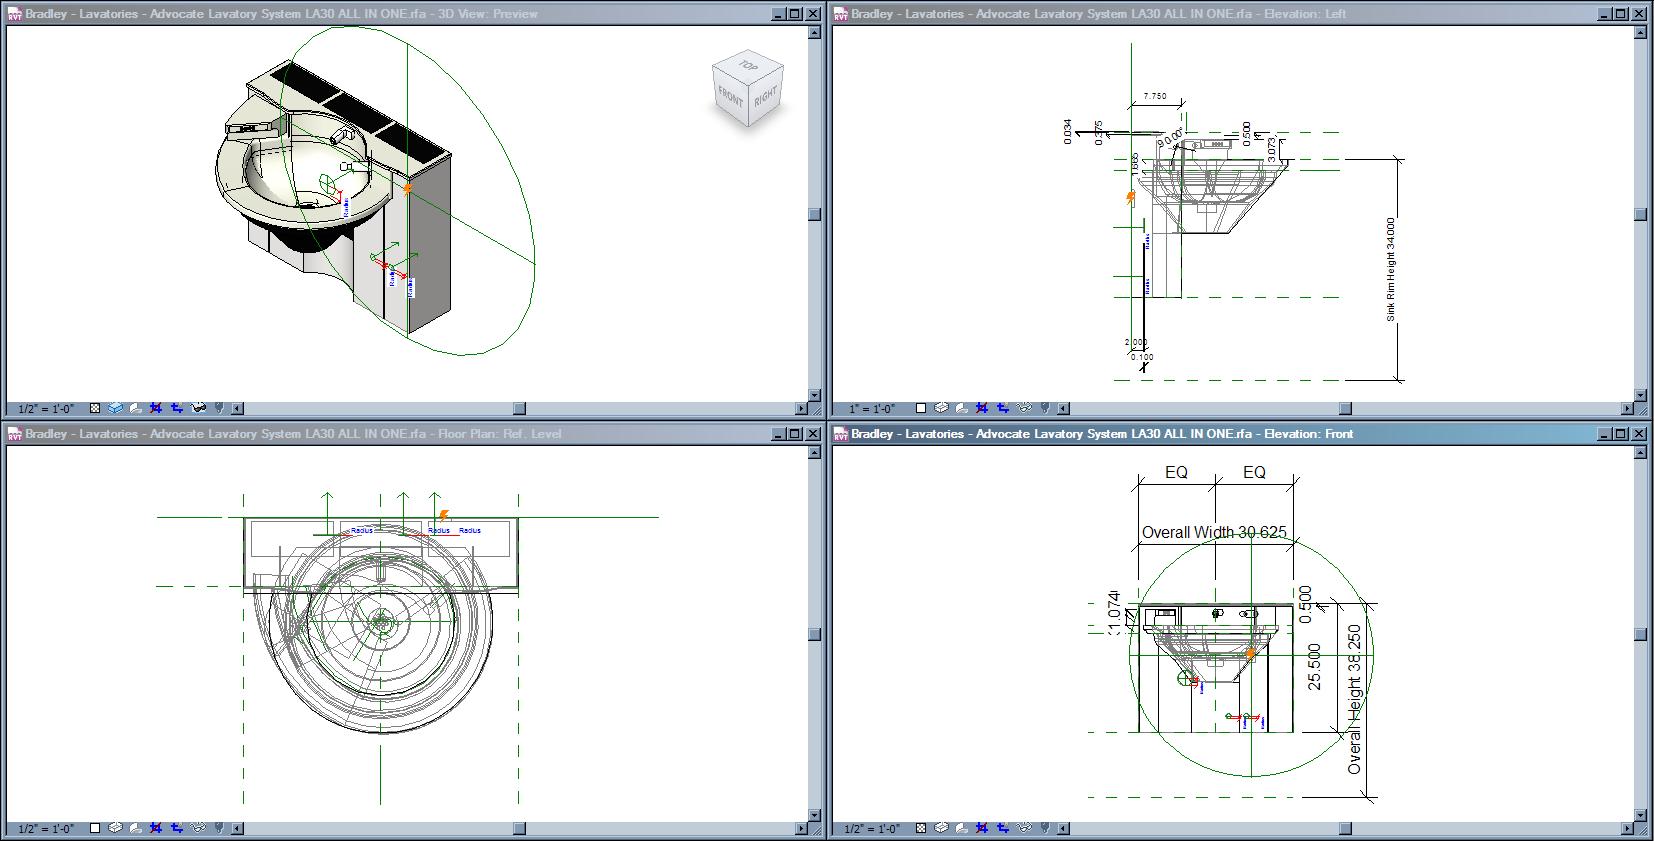 Bradley Advocate™ Lavatory Systems LA30